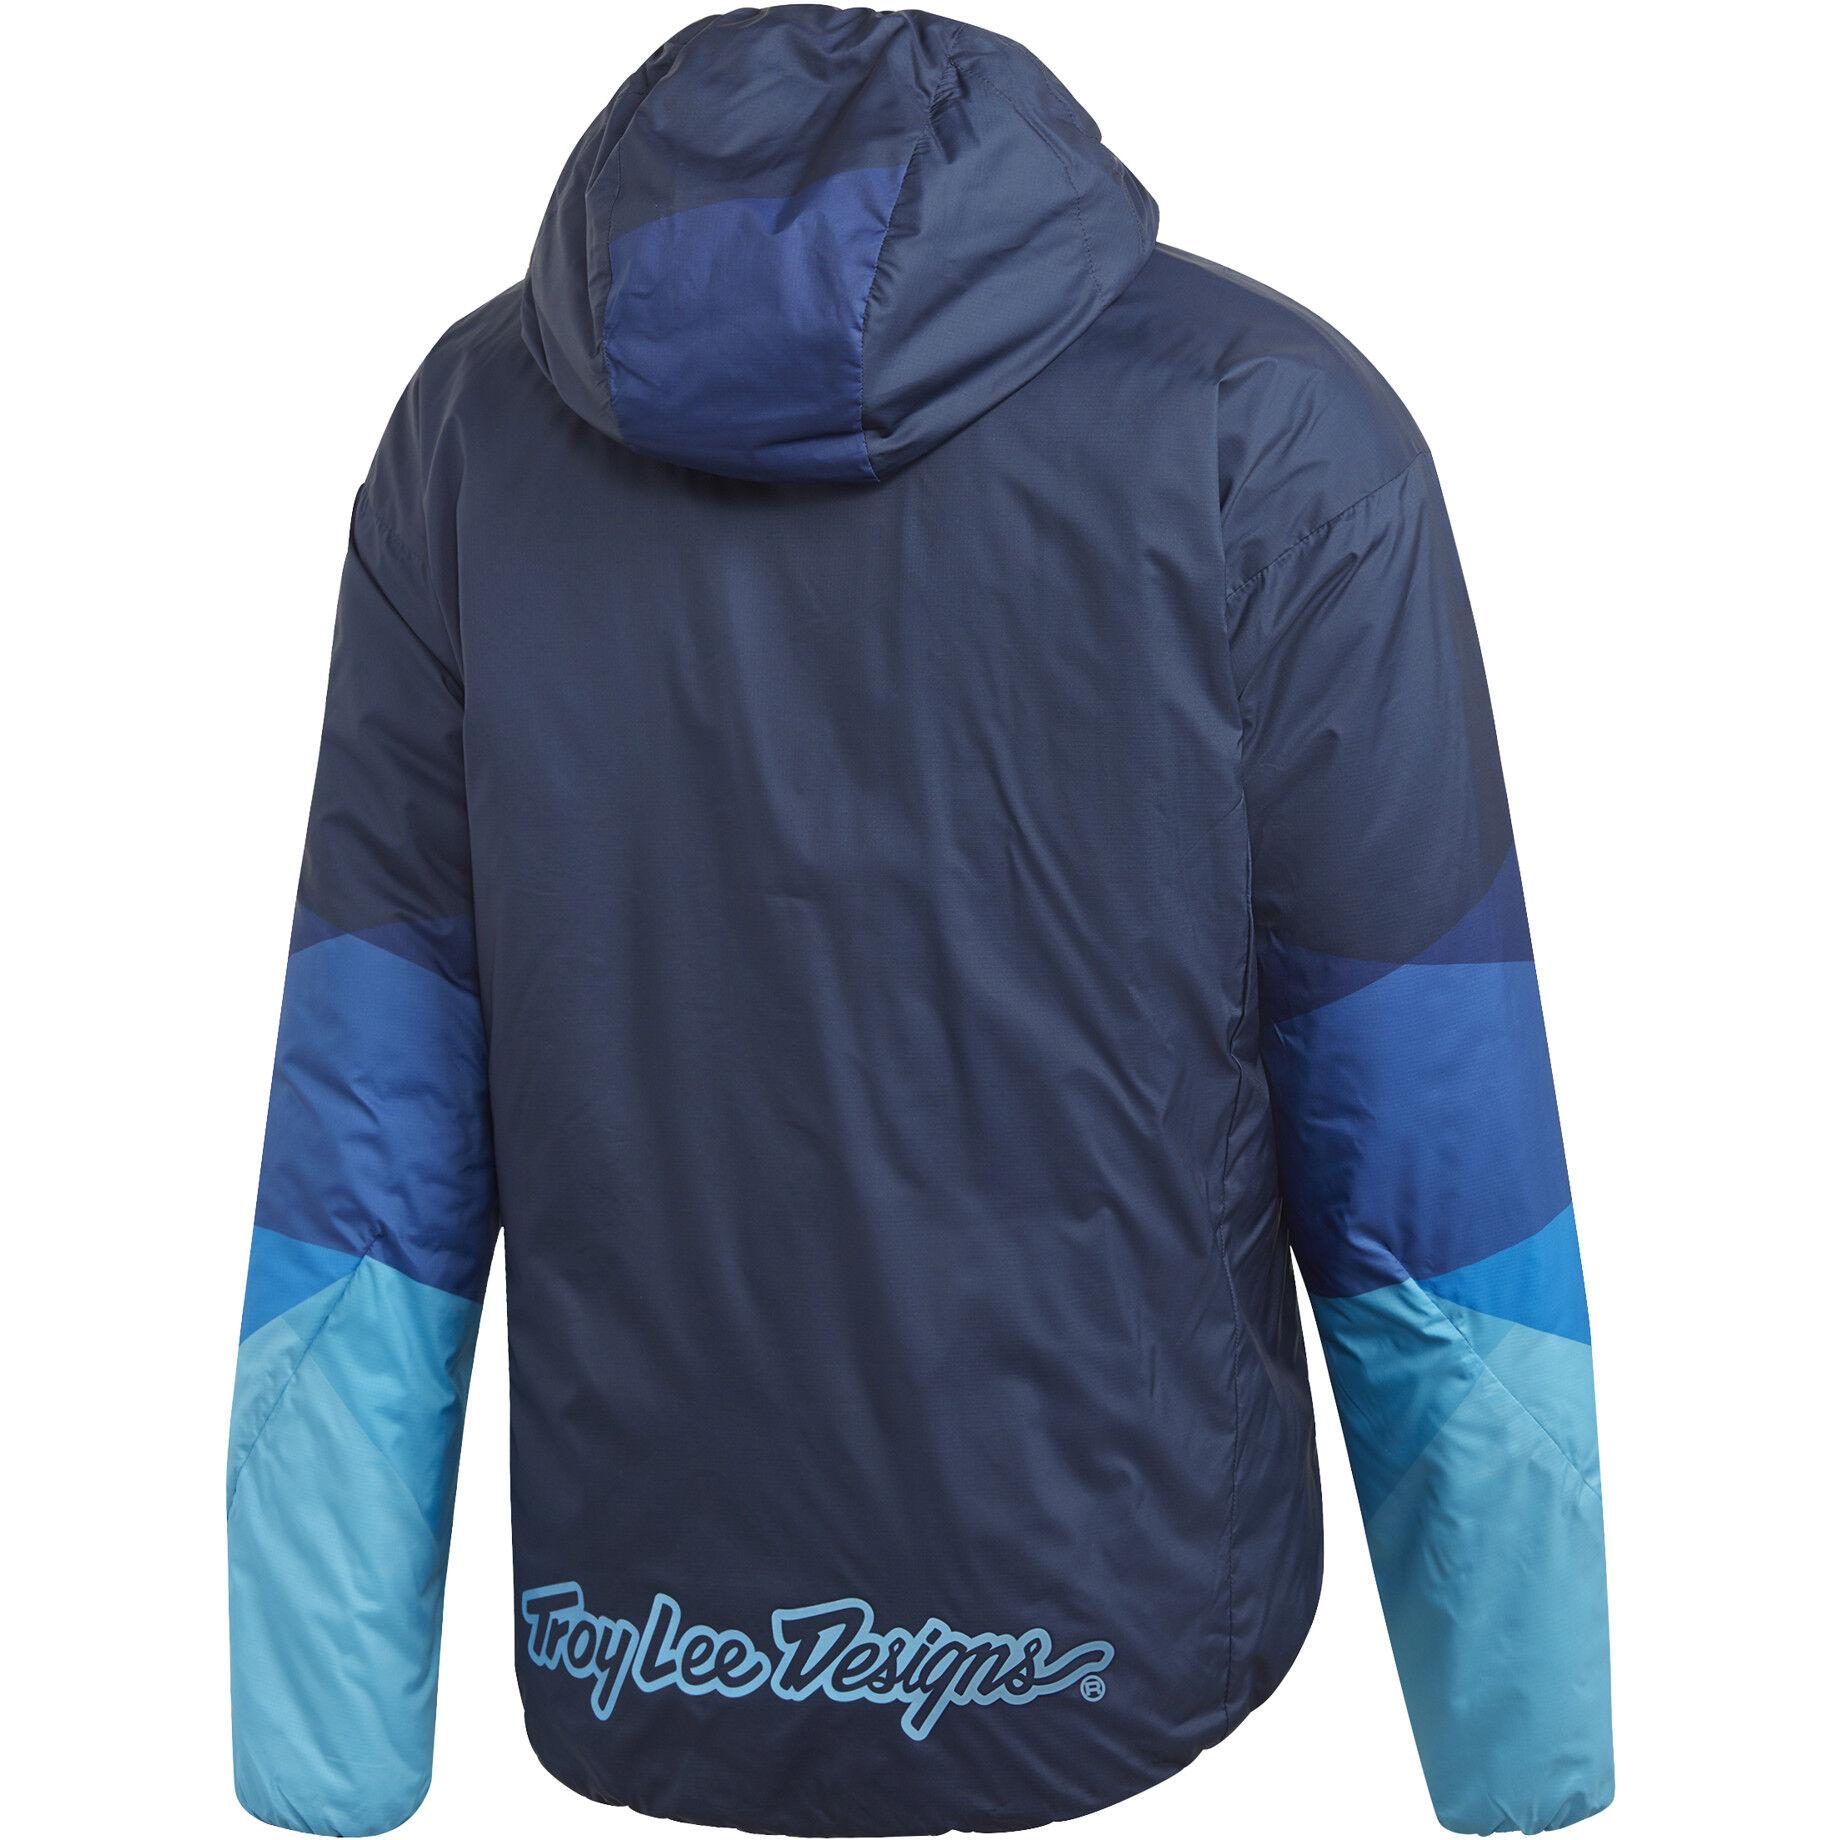 Troy Isolierende Navy Terrex Collegiate Jacke Herren Adidas Lee QtsrBohdCx